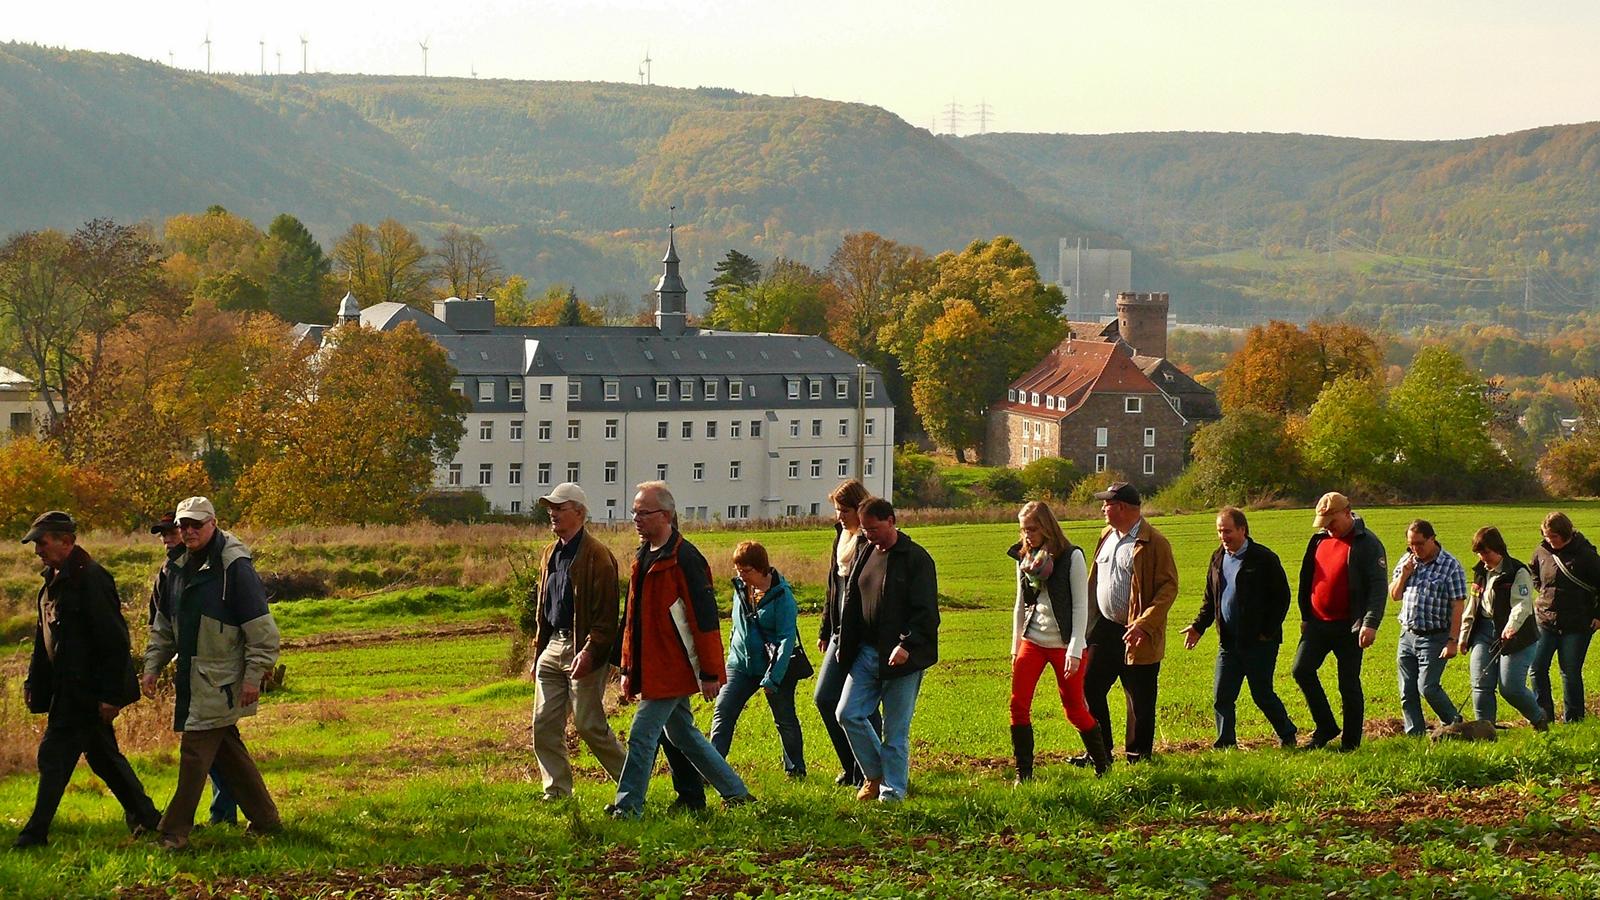 Schnatgang in der Feldmark von Herstelle (NRW, Gemeinde Beverungen) Weserbergland